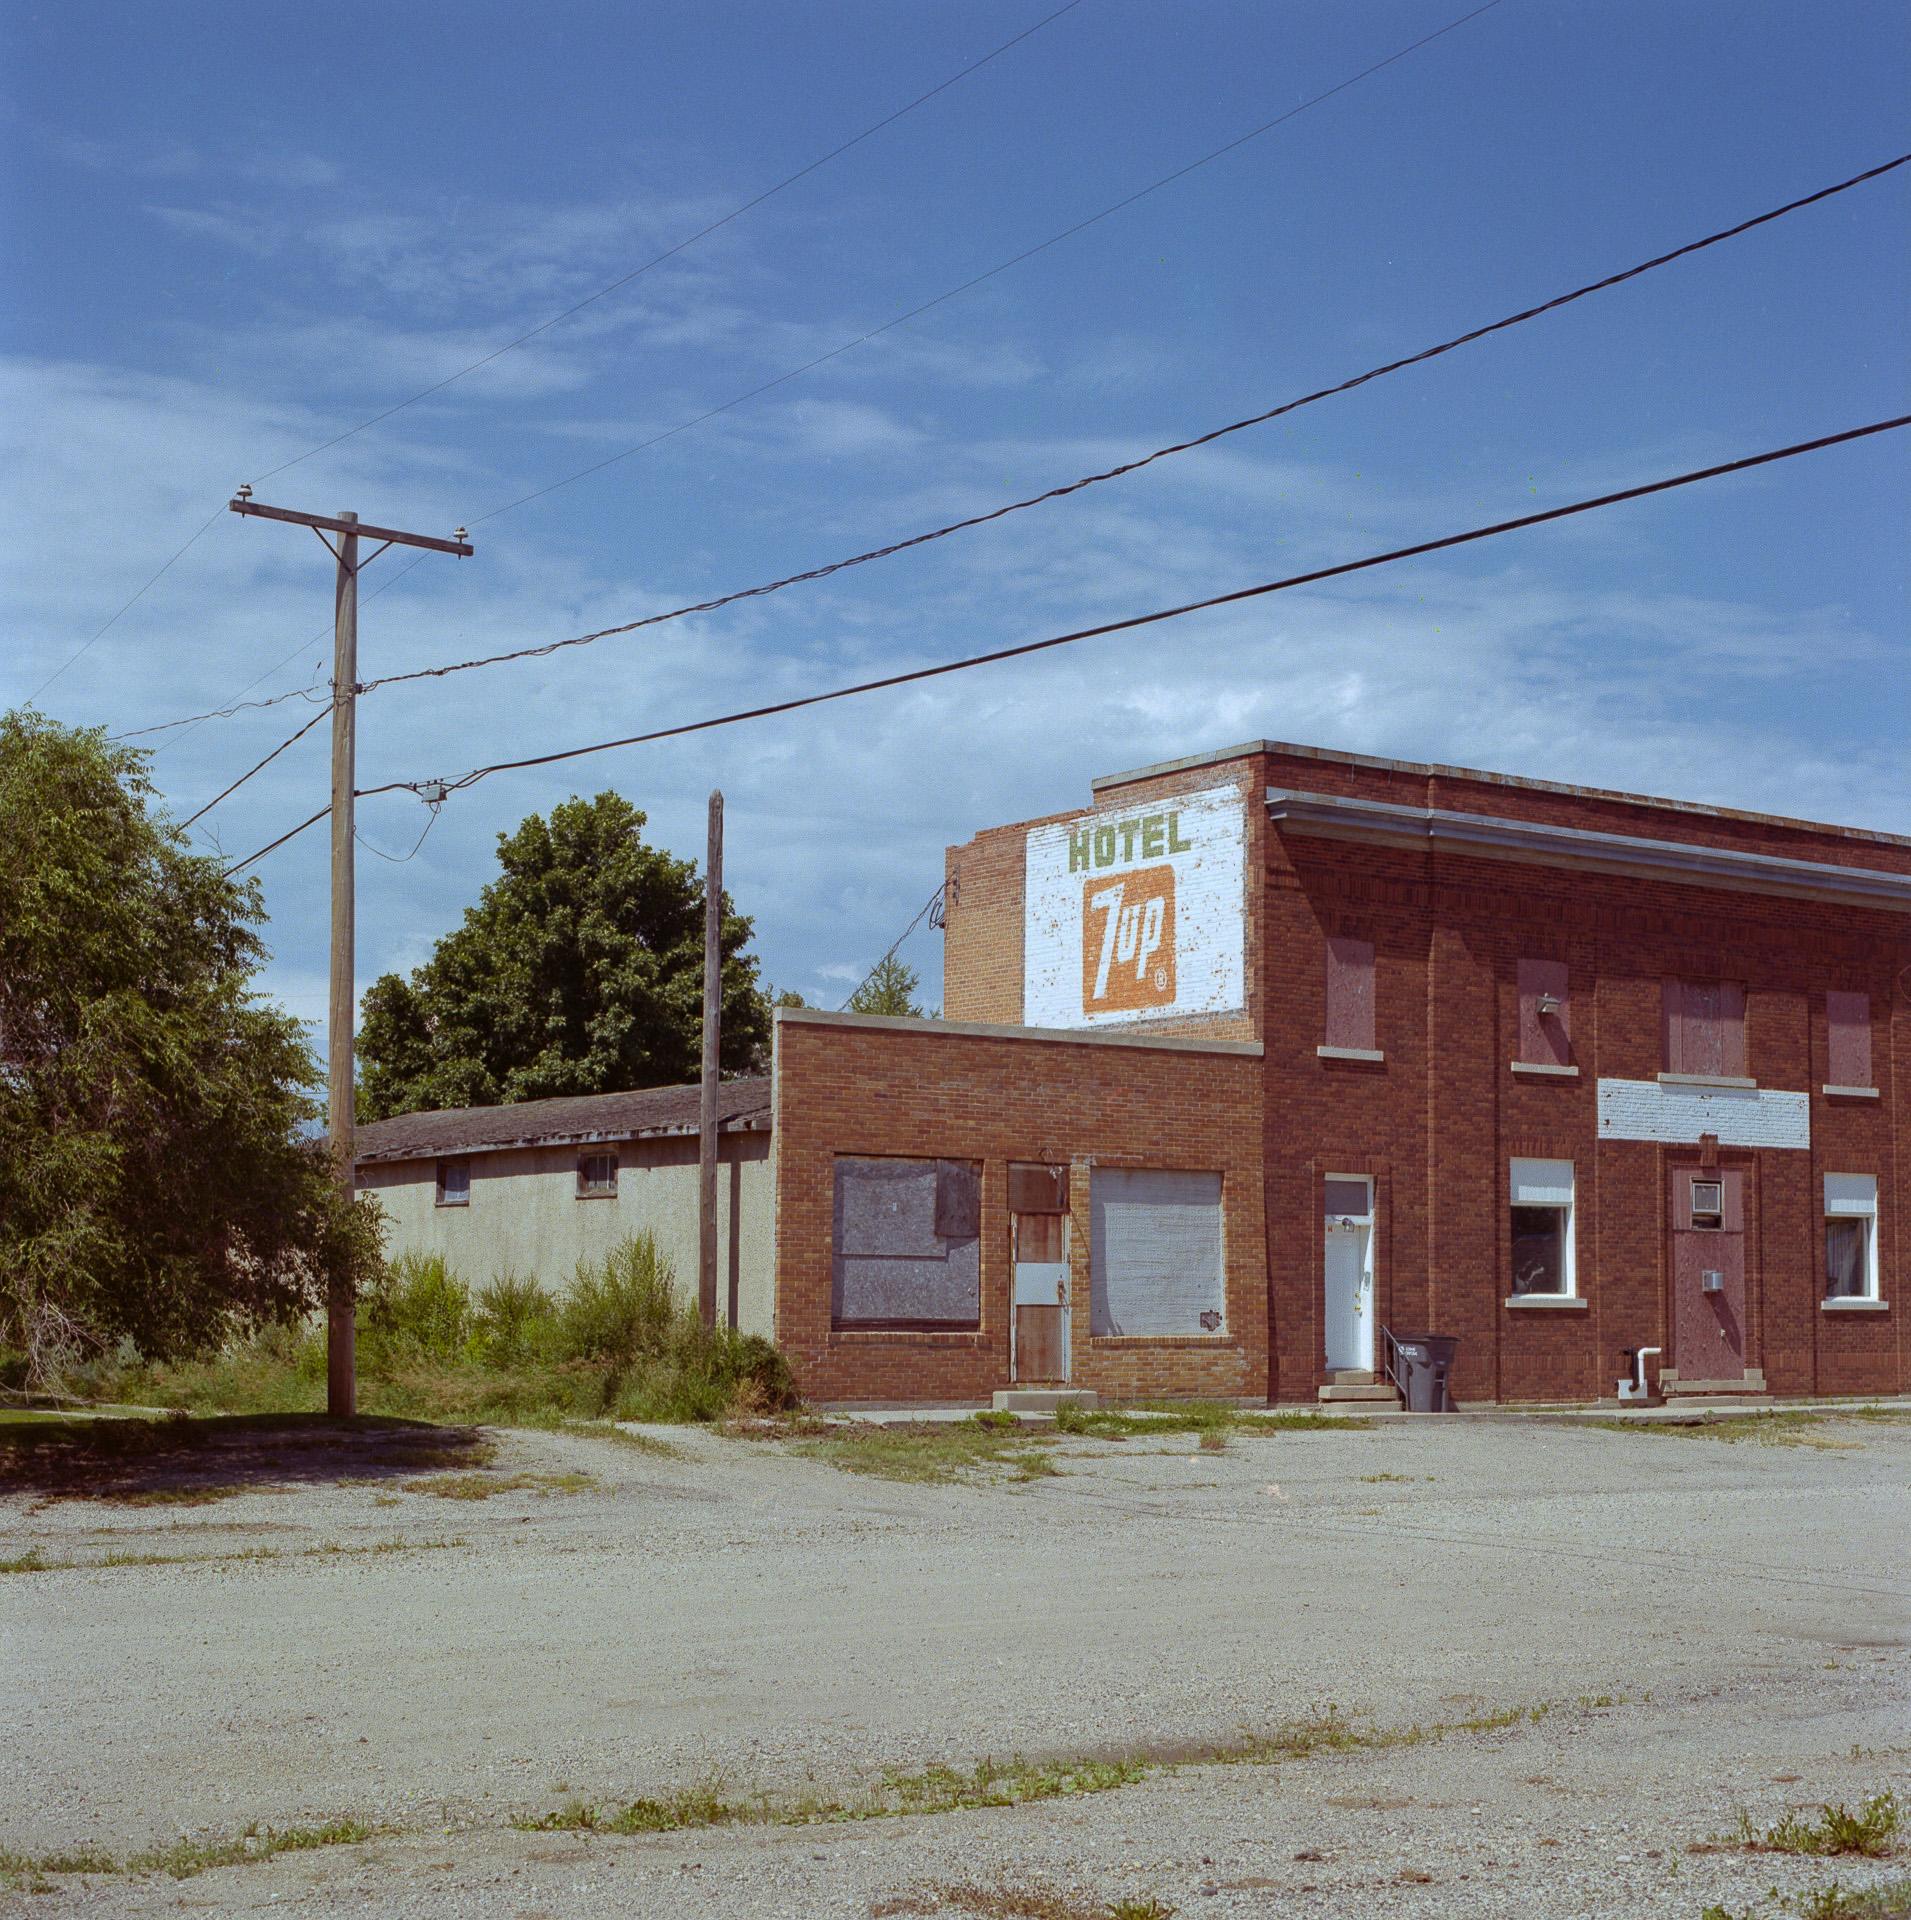 Markinch, Saskatchewan